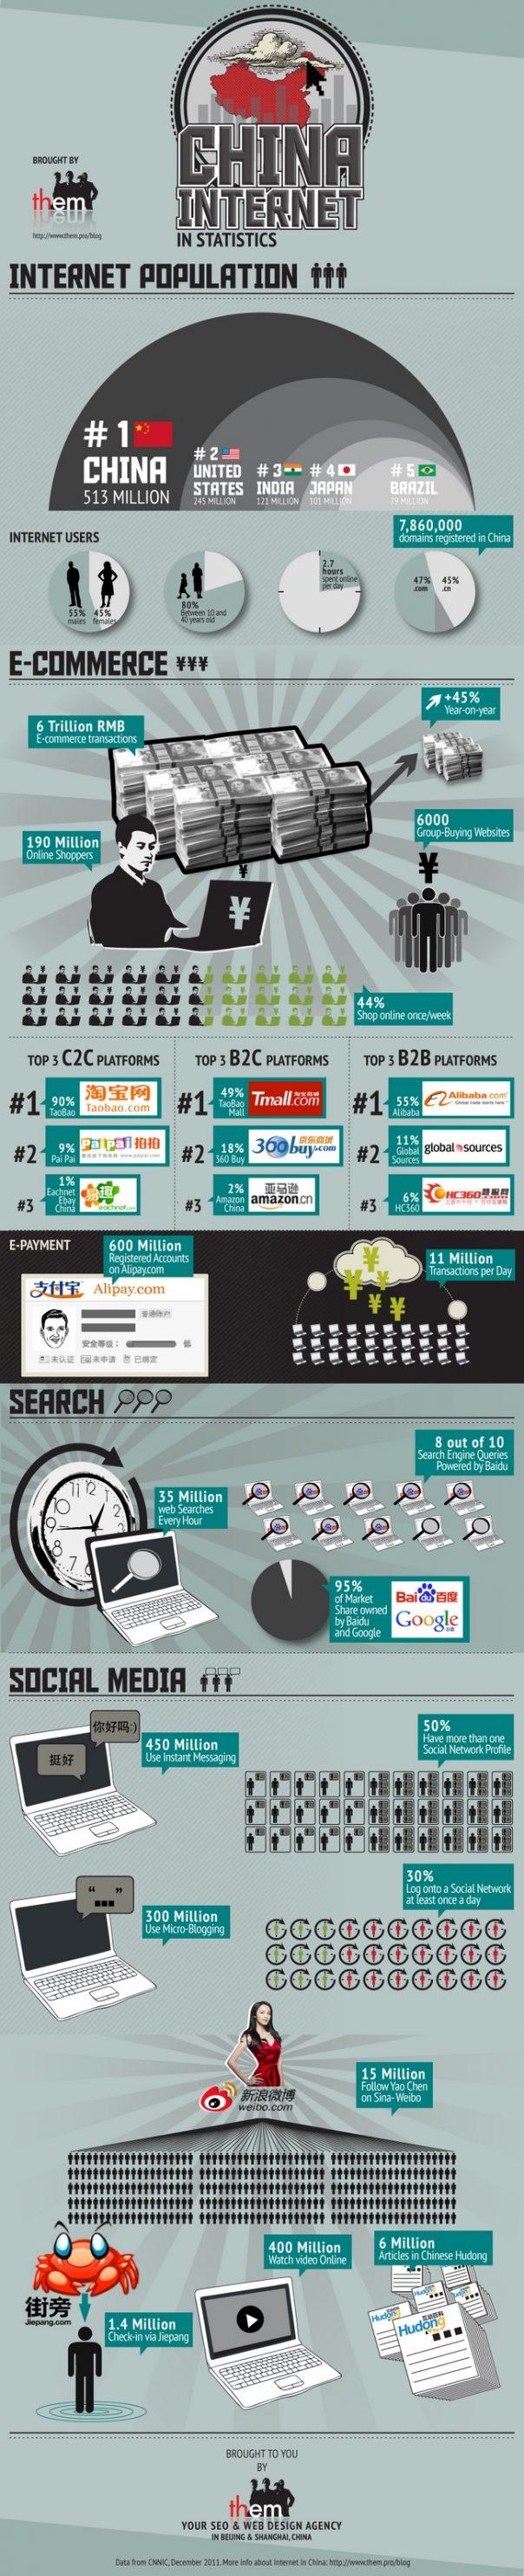 L'internet chinois en statistiques